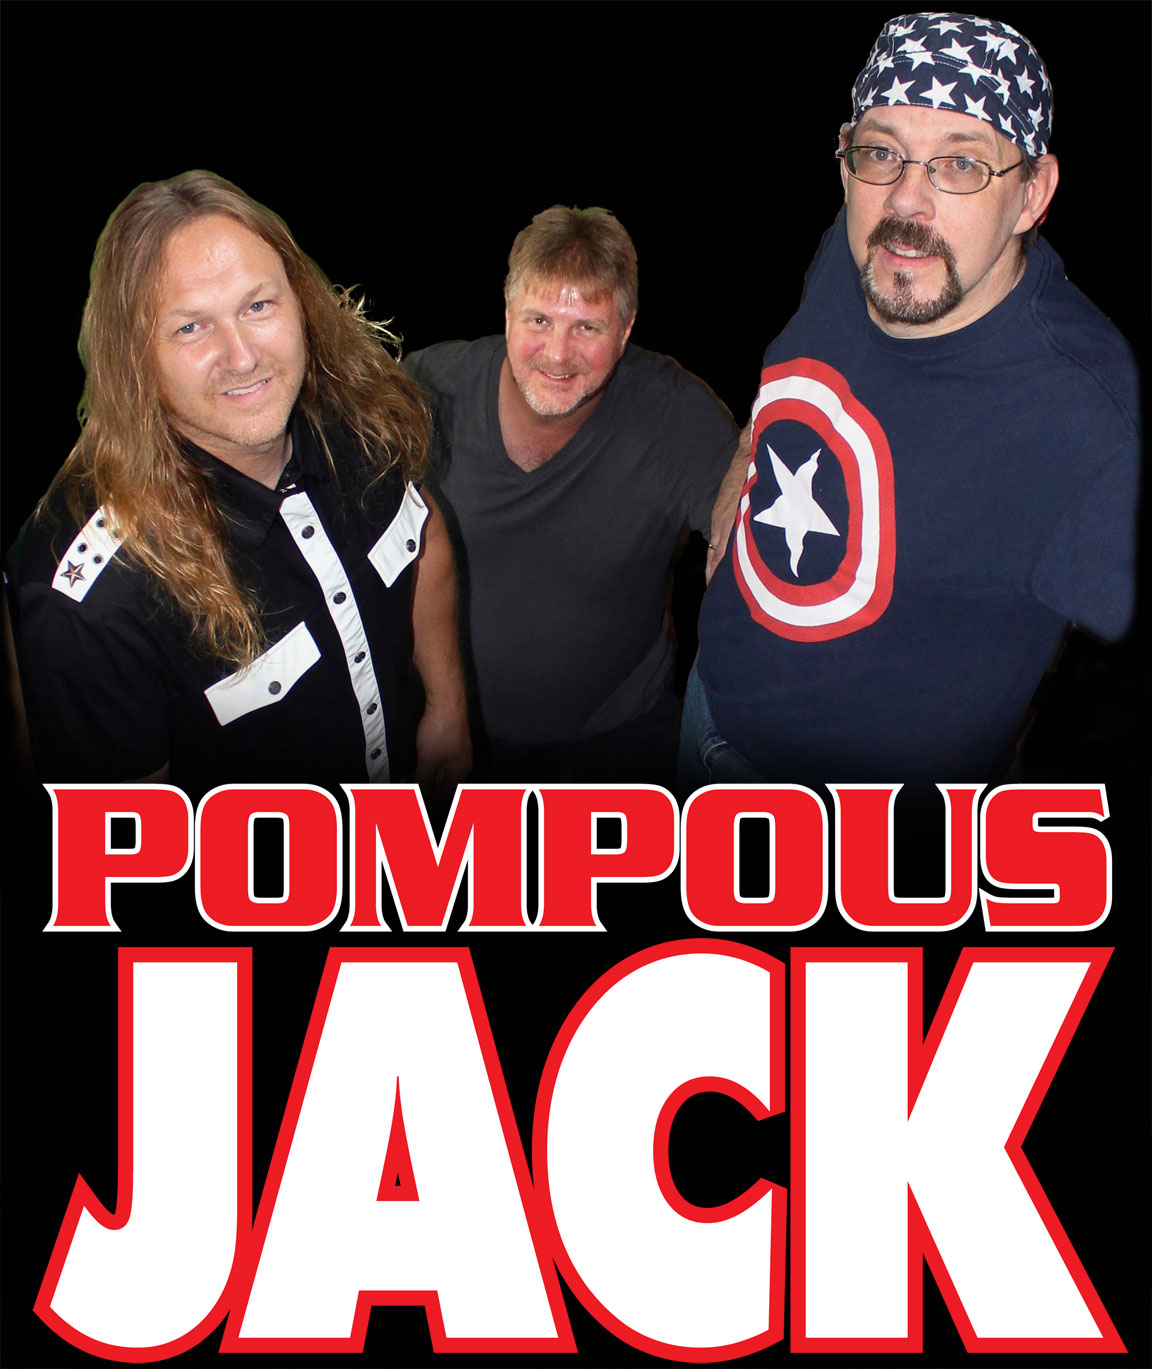 Pompous Jack